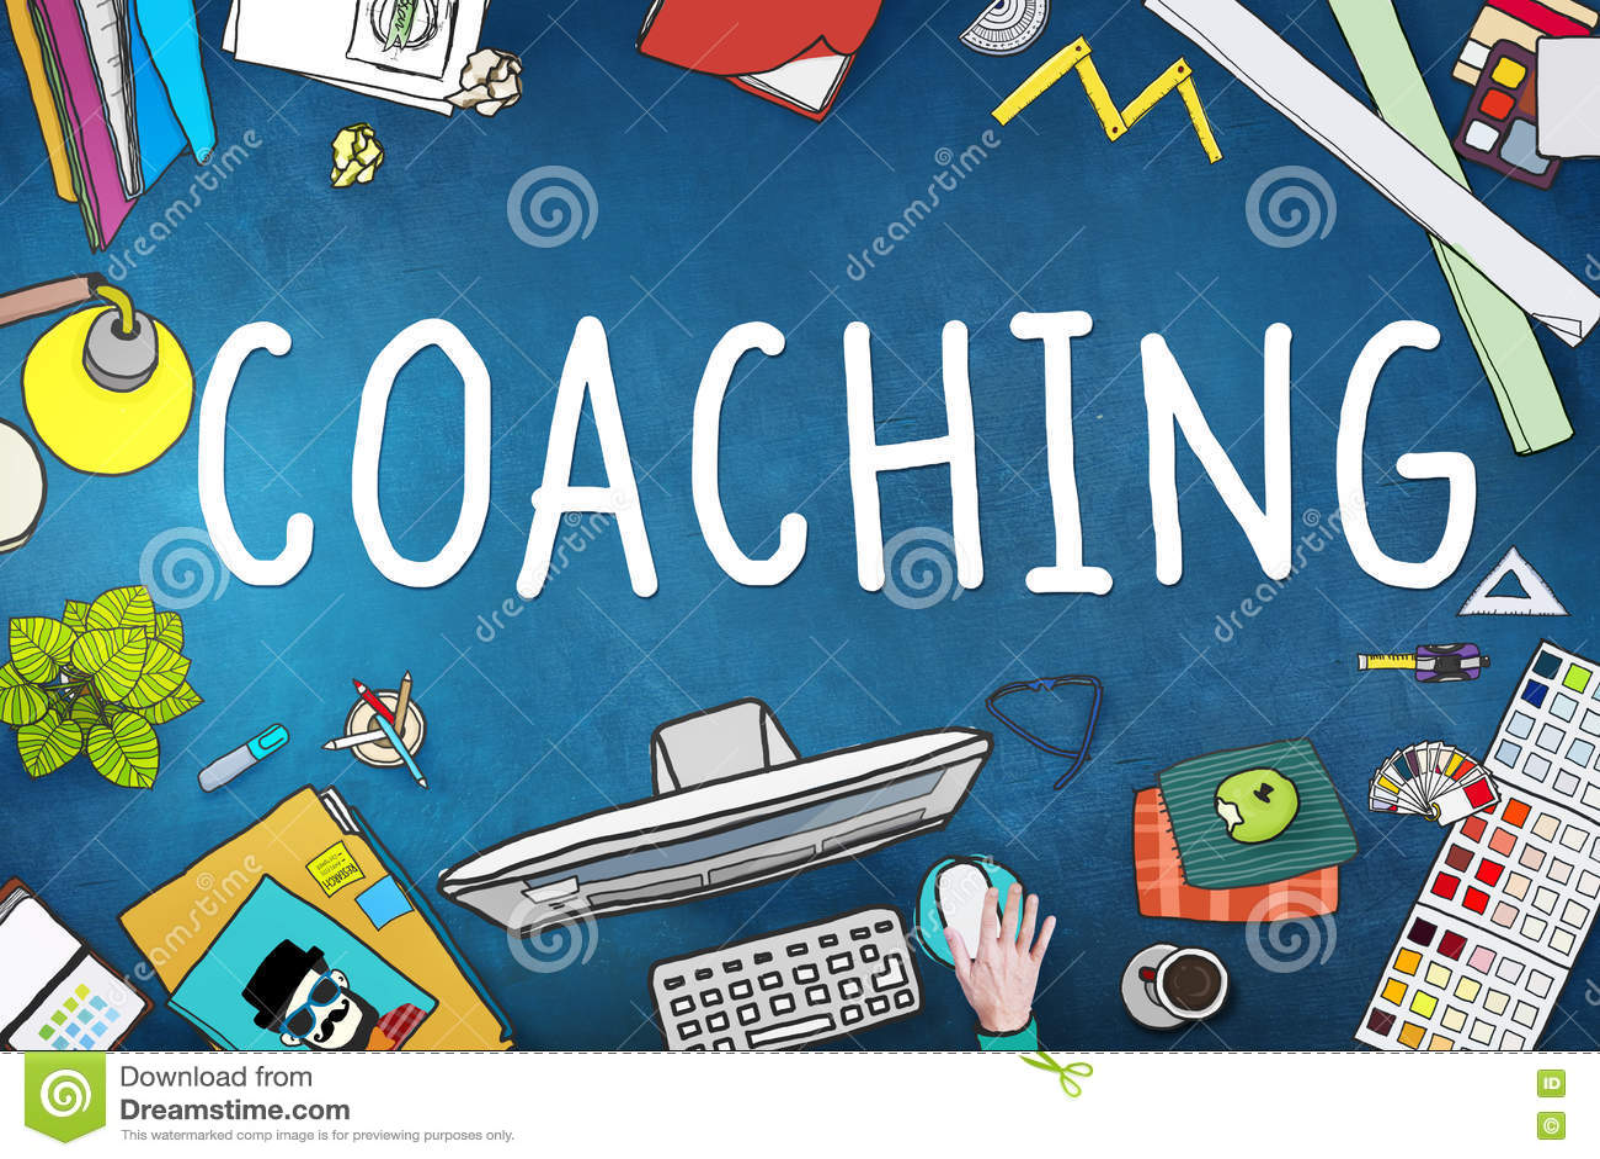 Entrenar al coche de enseñanza Concept del mentor del entrenamiento